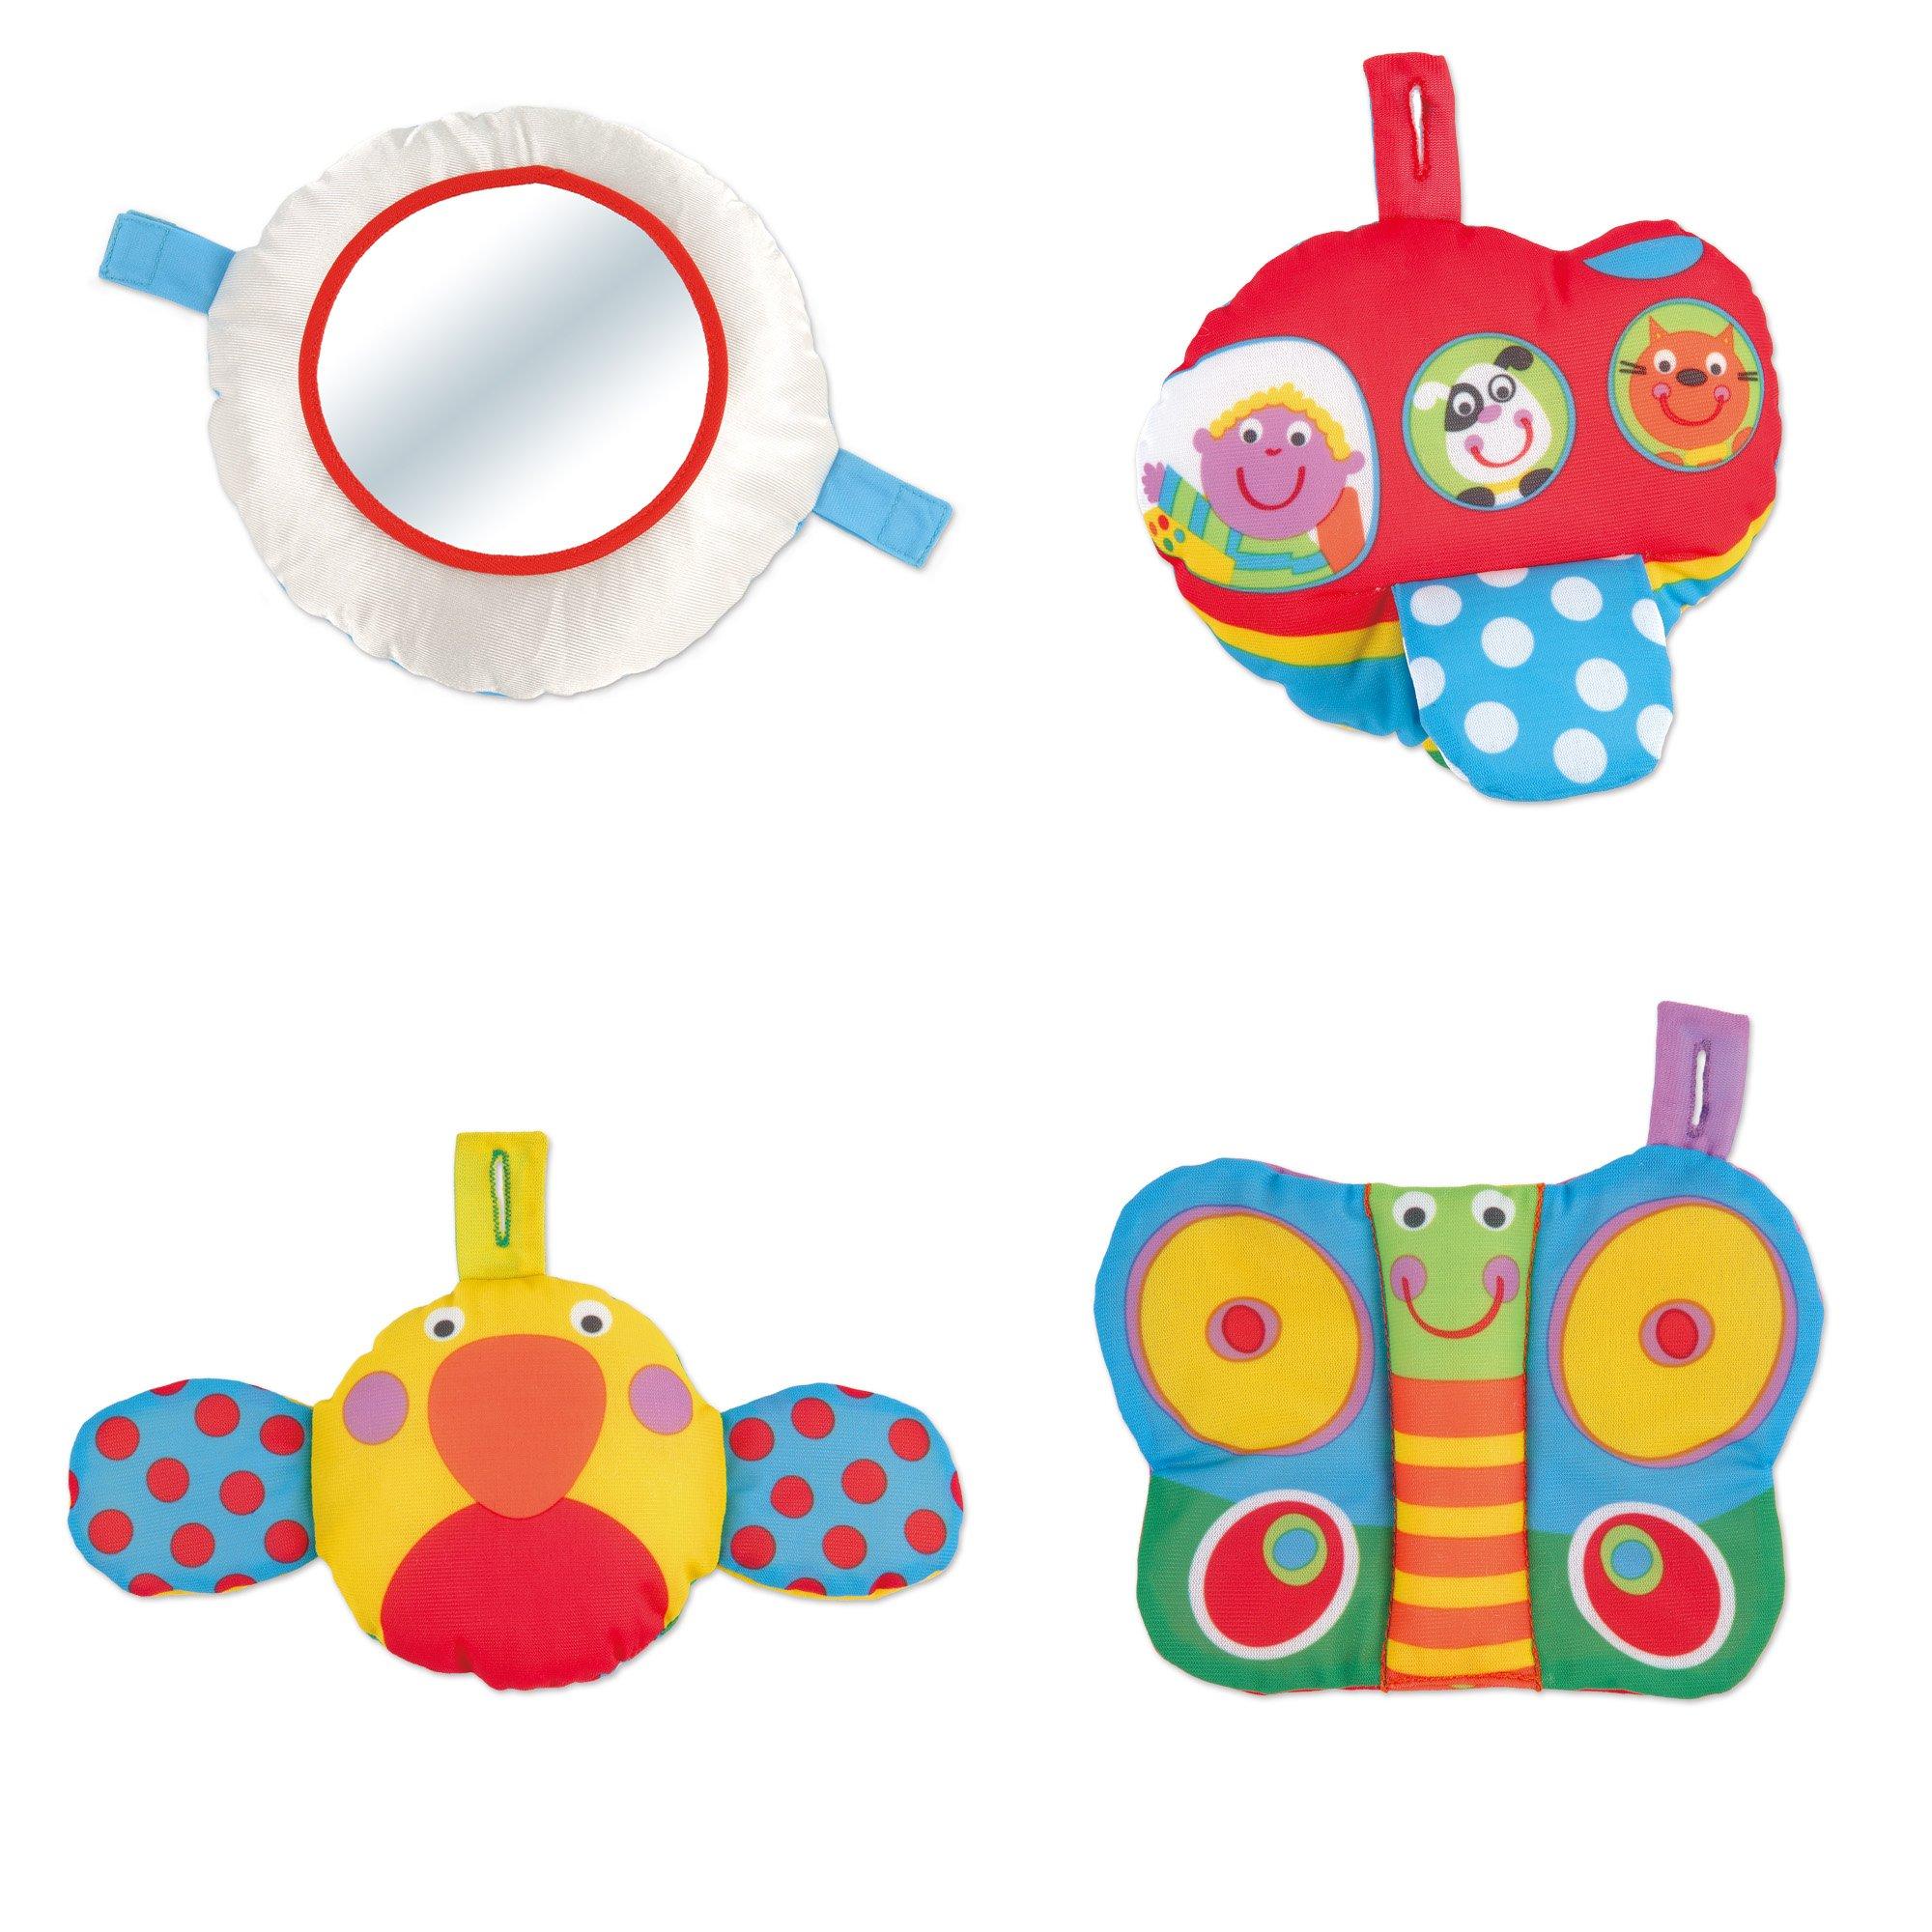 Galt Toys, Playnest & Gym - Farm (Triang) by Galt (Image #5)